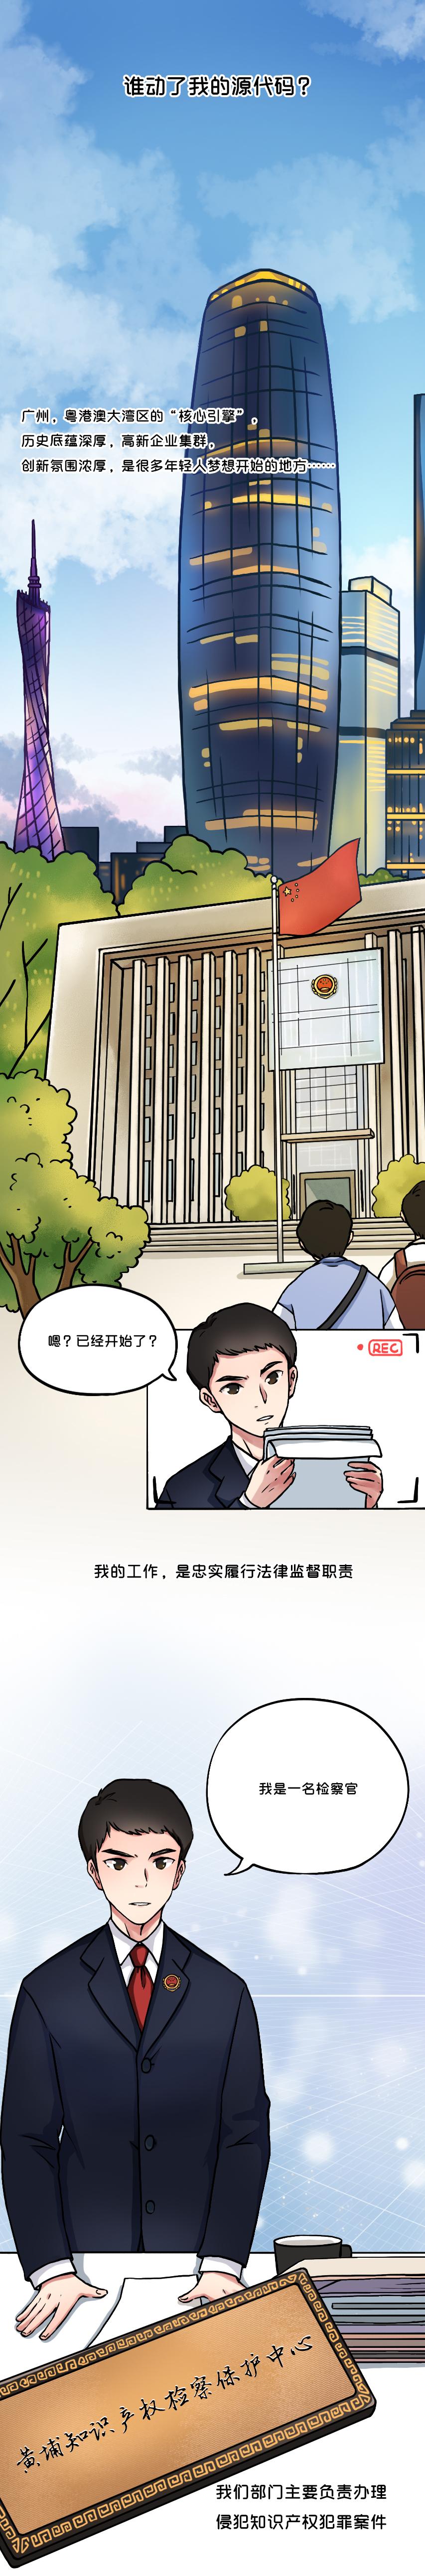 凤眼漫画|谁动了我的源代码?